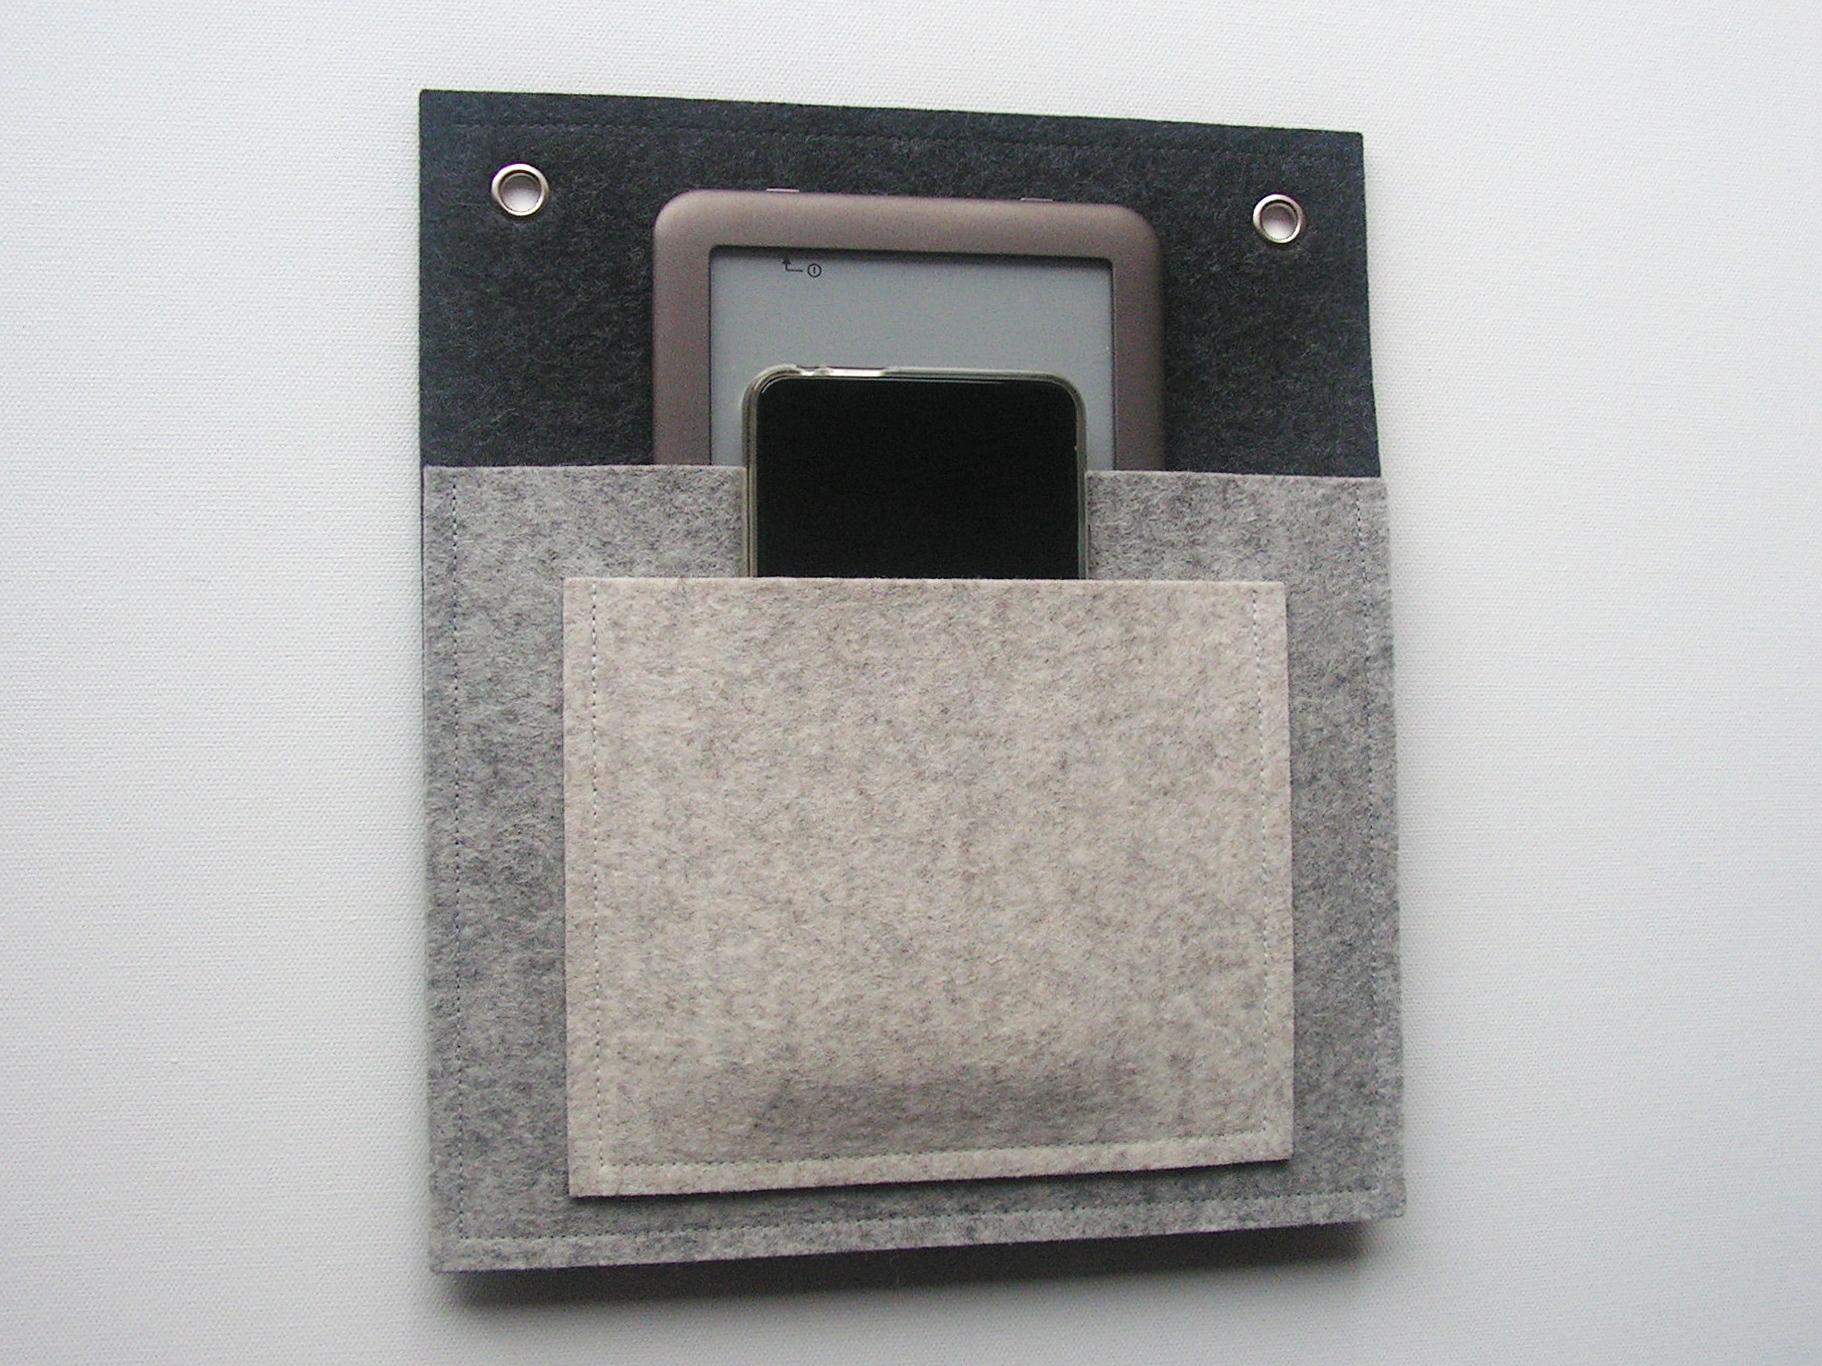 Doppeltasche für eReader und Handy